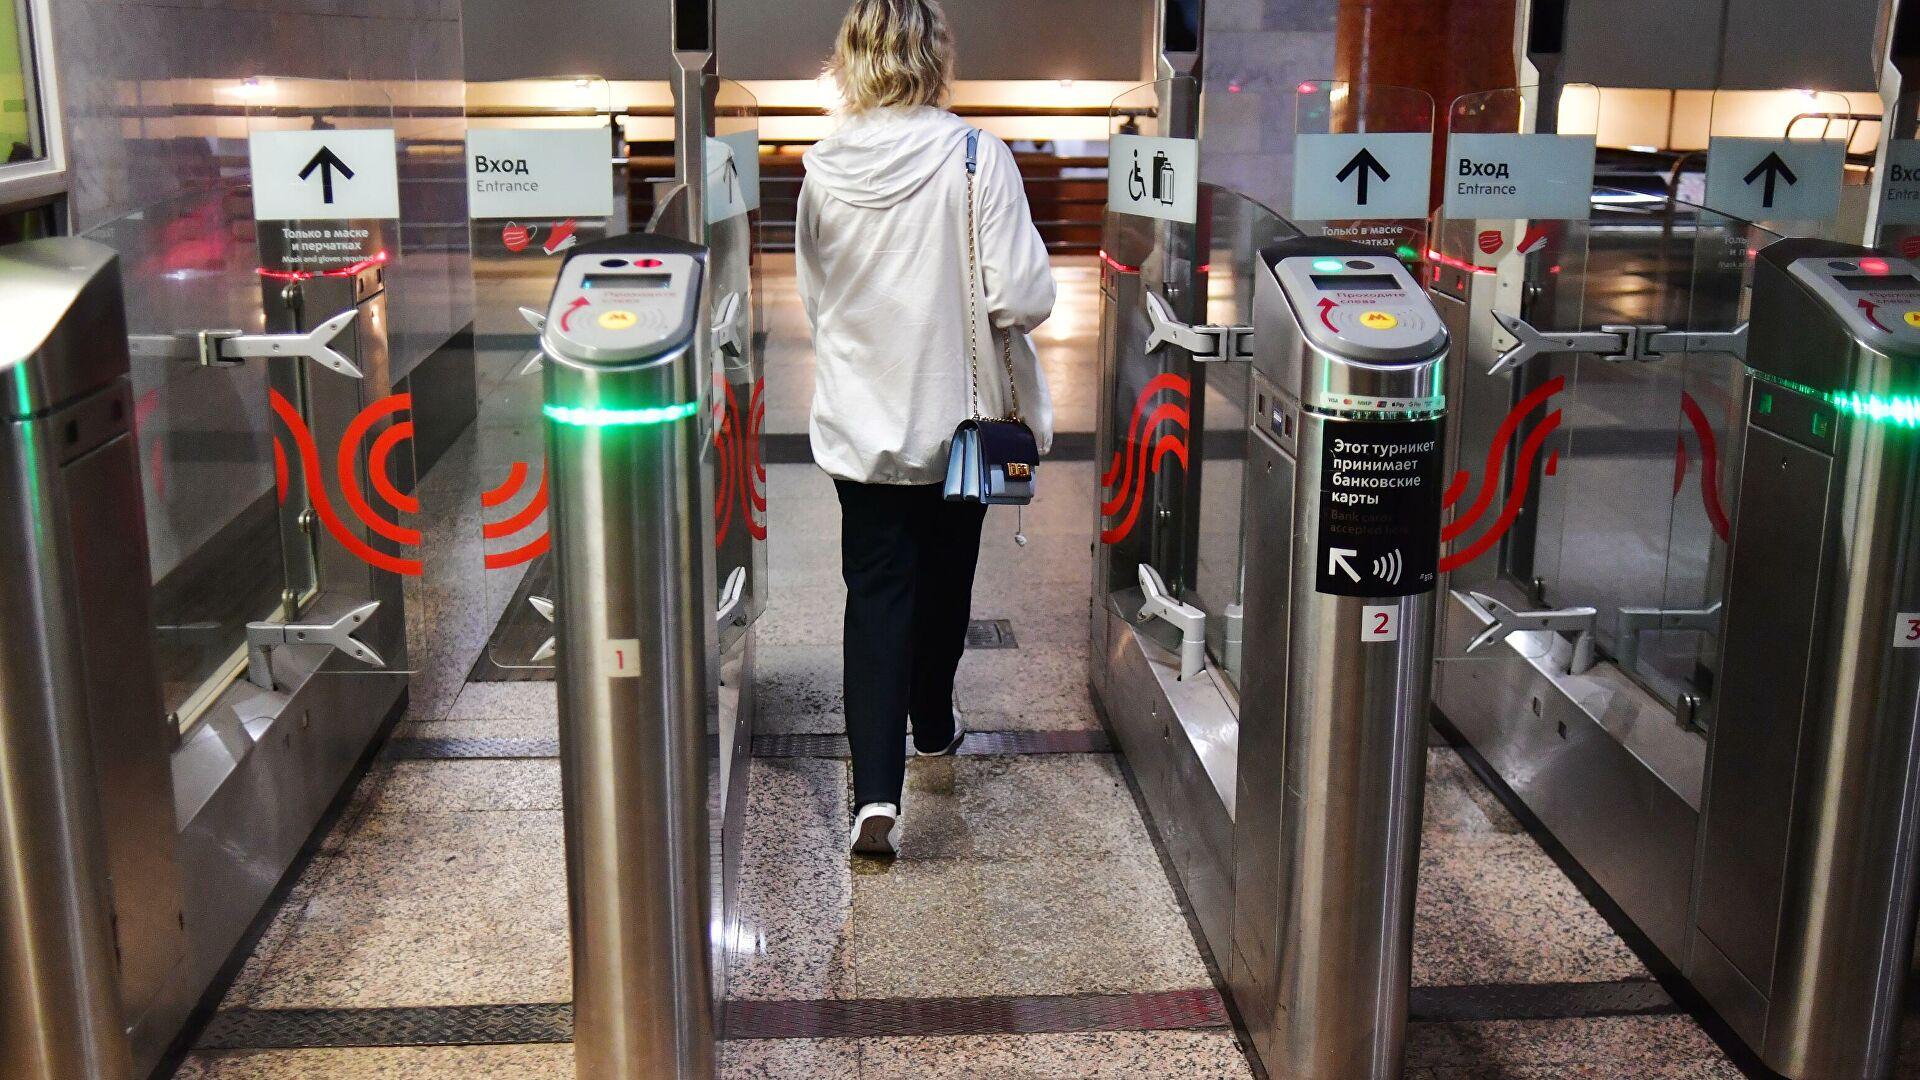 В метро Москвы заработала система оплаты Face Pay